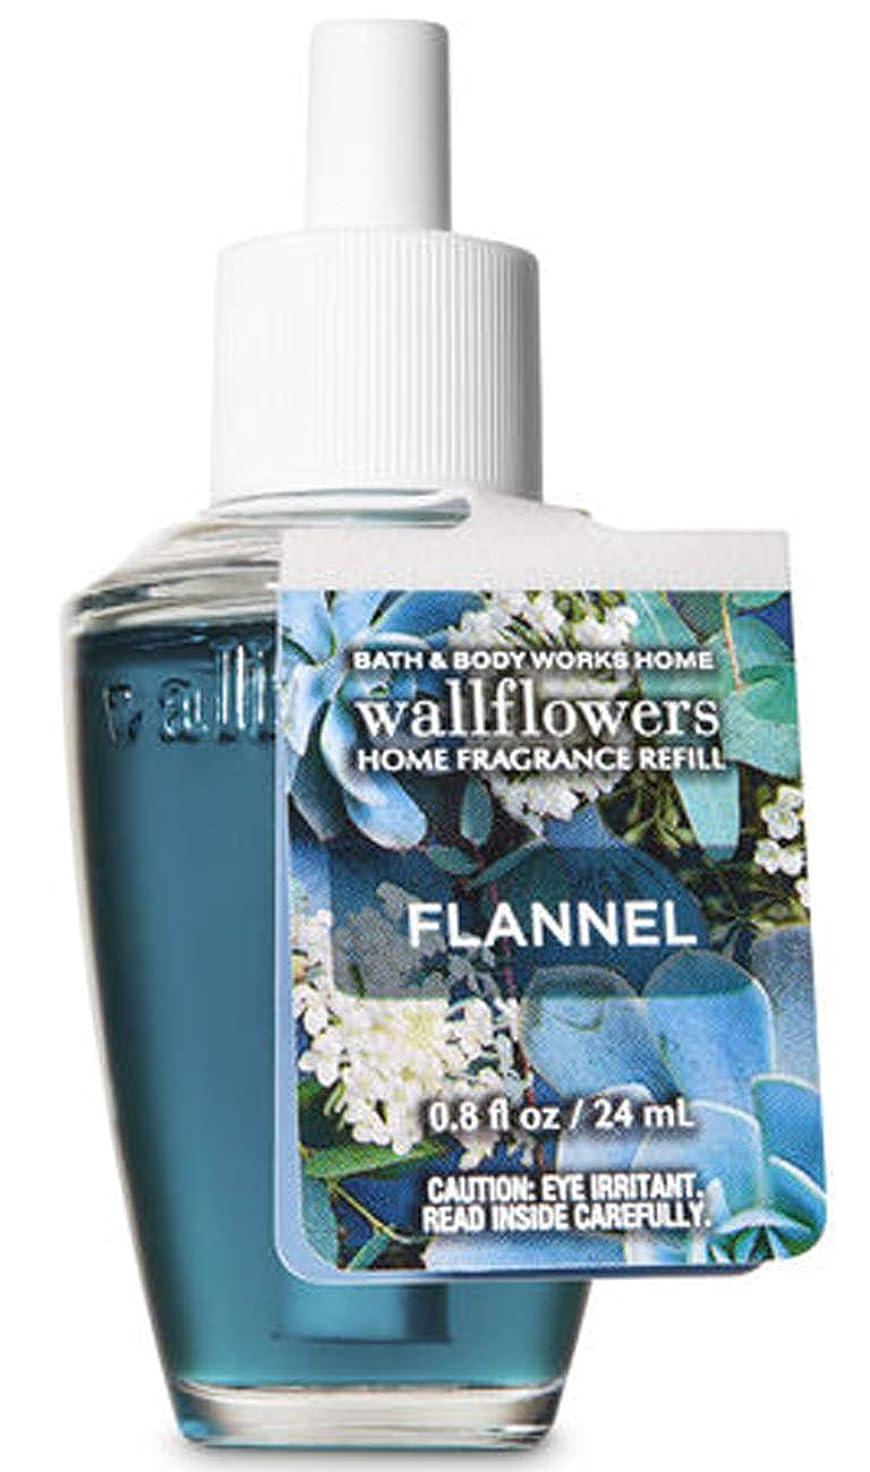 贅沢な危機掘るバス&ボディワークス フランネル ルームフレグランス リフィル 芳香剤 24ml (本体別売り) Bath & Body Works